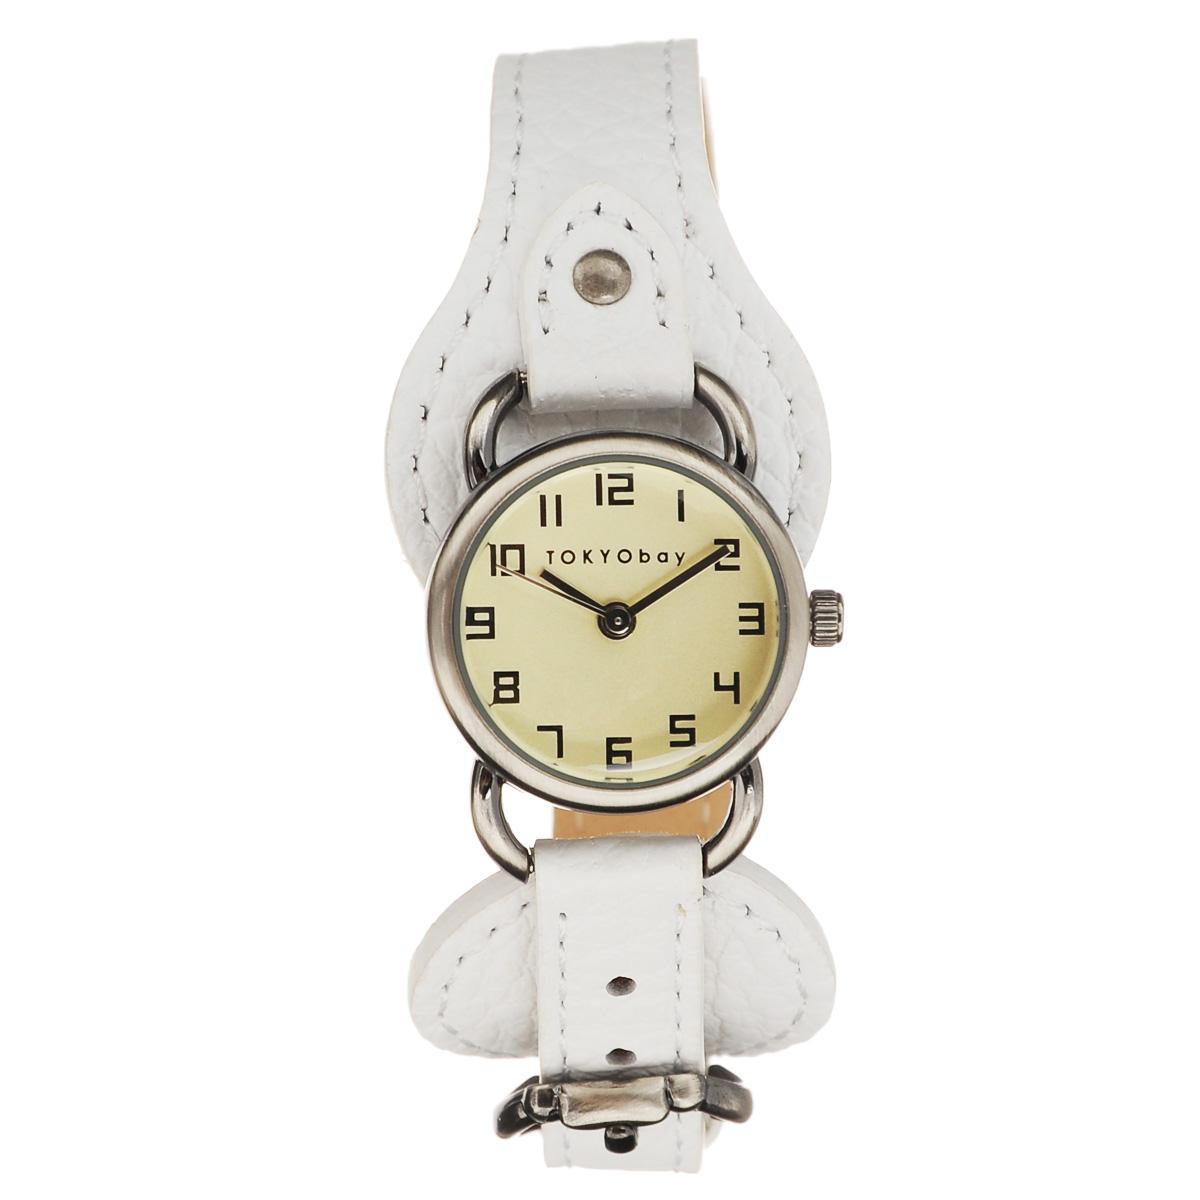 Часы женские наручные Tokyobay West, цвет: белый. T026-WHT026-WHНаручные часы Tokyobay - это стильное дополнение к вашему неповторимому образу. Эти часы созданы для современных женщин, ценящих стиль, качество и практичность. Часы оснащены японским кварцевым механизмом Miyota. Задняя крышка изготовлена из нержавеющей стали. Корпус изготовлен из металла. Циферблат оформлен арабскими цифрами, имеются часовая, минутная и секундная стрелки. Ремешок выполнен из кожи, имеет расширение у корпуса часов и застегивается на классическую застежку-пряжку, которая также расположена у корпуса. Часы Tokyobay - это практичный и модный аксессуар, который подчеркнет ваш безупречный вкус. Характеристики: Корпус: 2,2 х 2,2 х 0,7 см. Размер ремешка: 19 х 1,2 см. Не содержит никель. Не водостойкие.